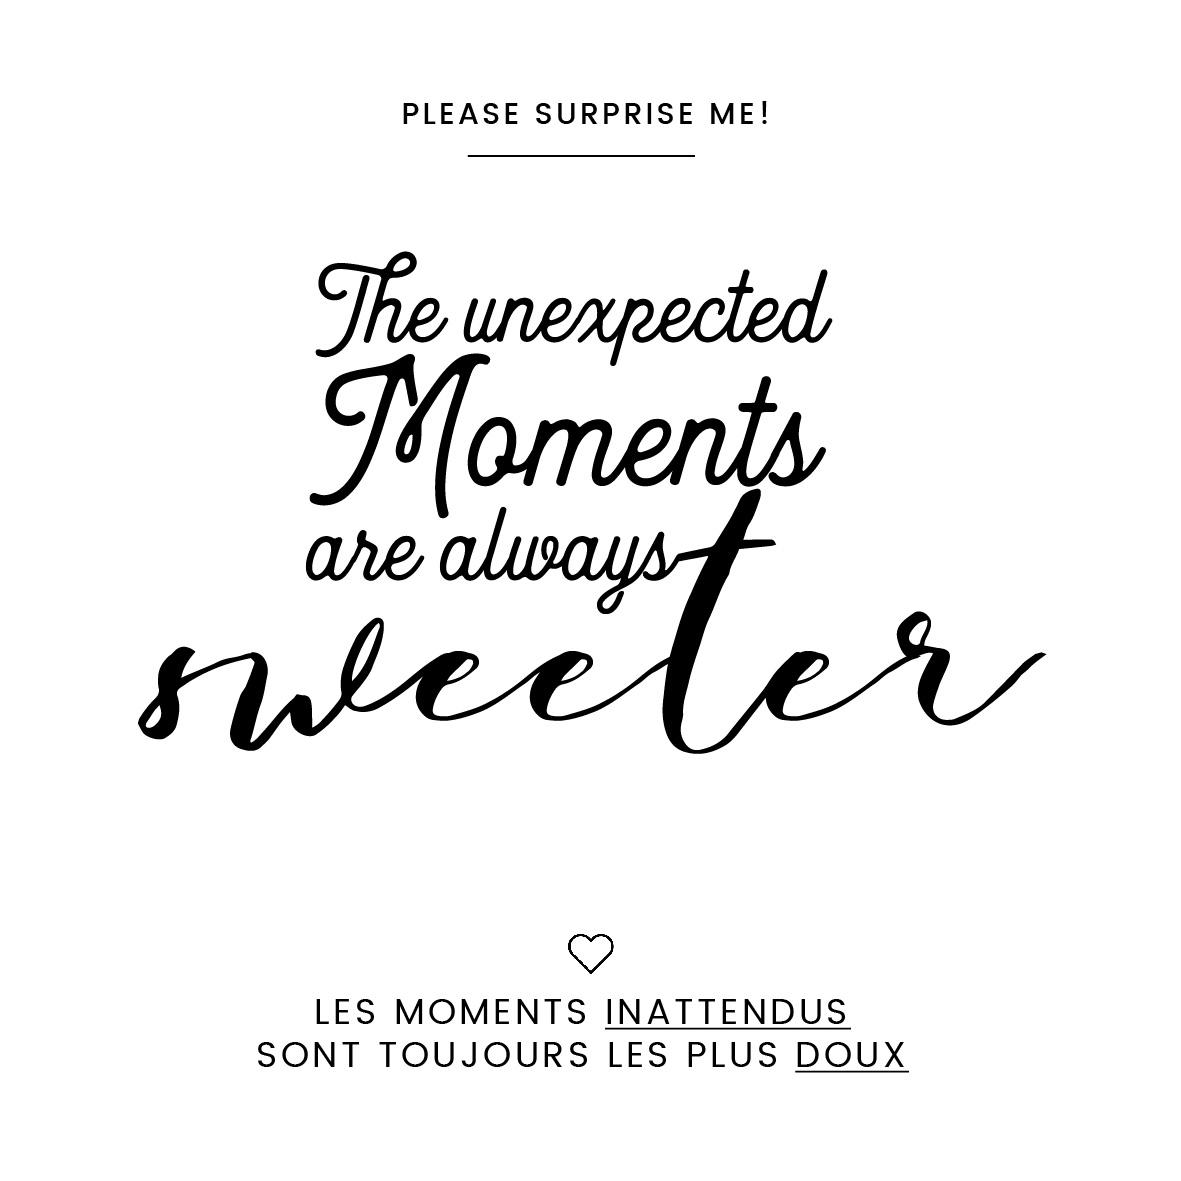 Les moments inattendus sont toujours les plus doux